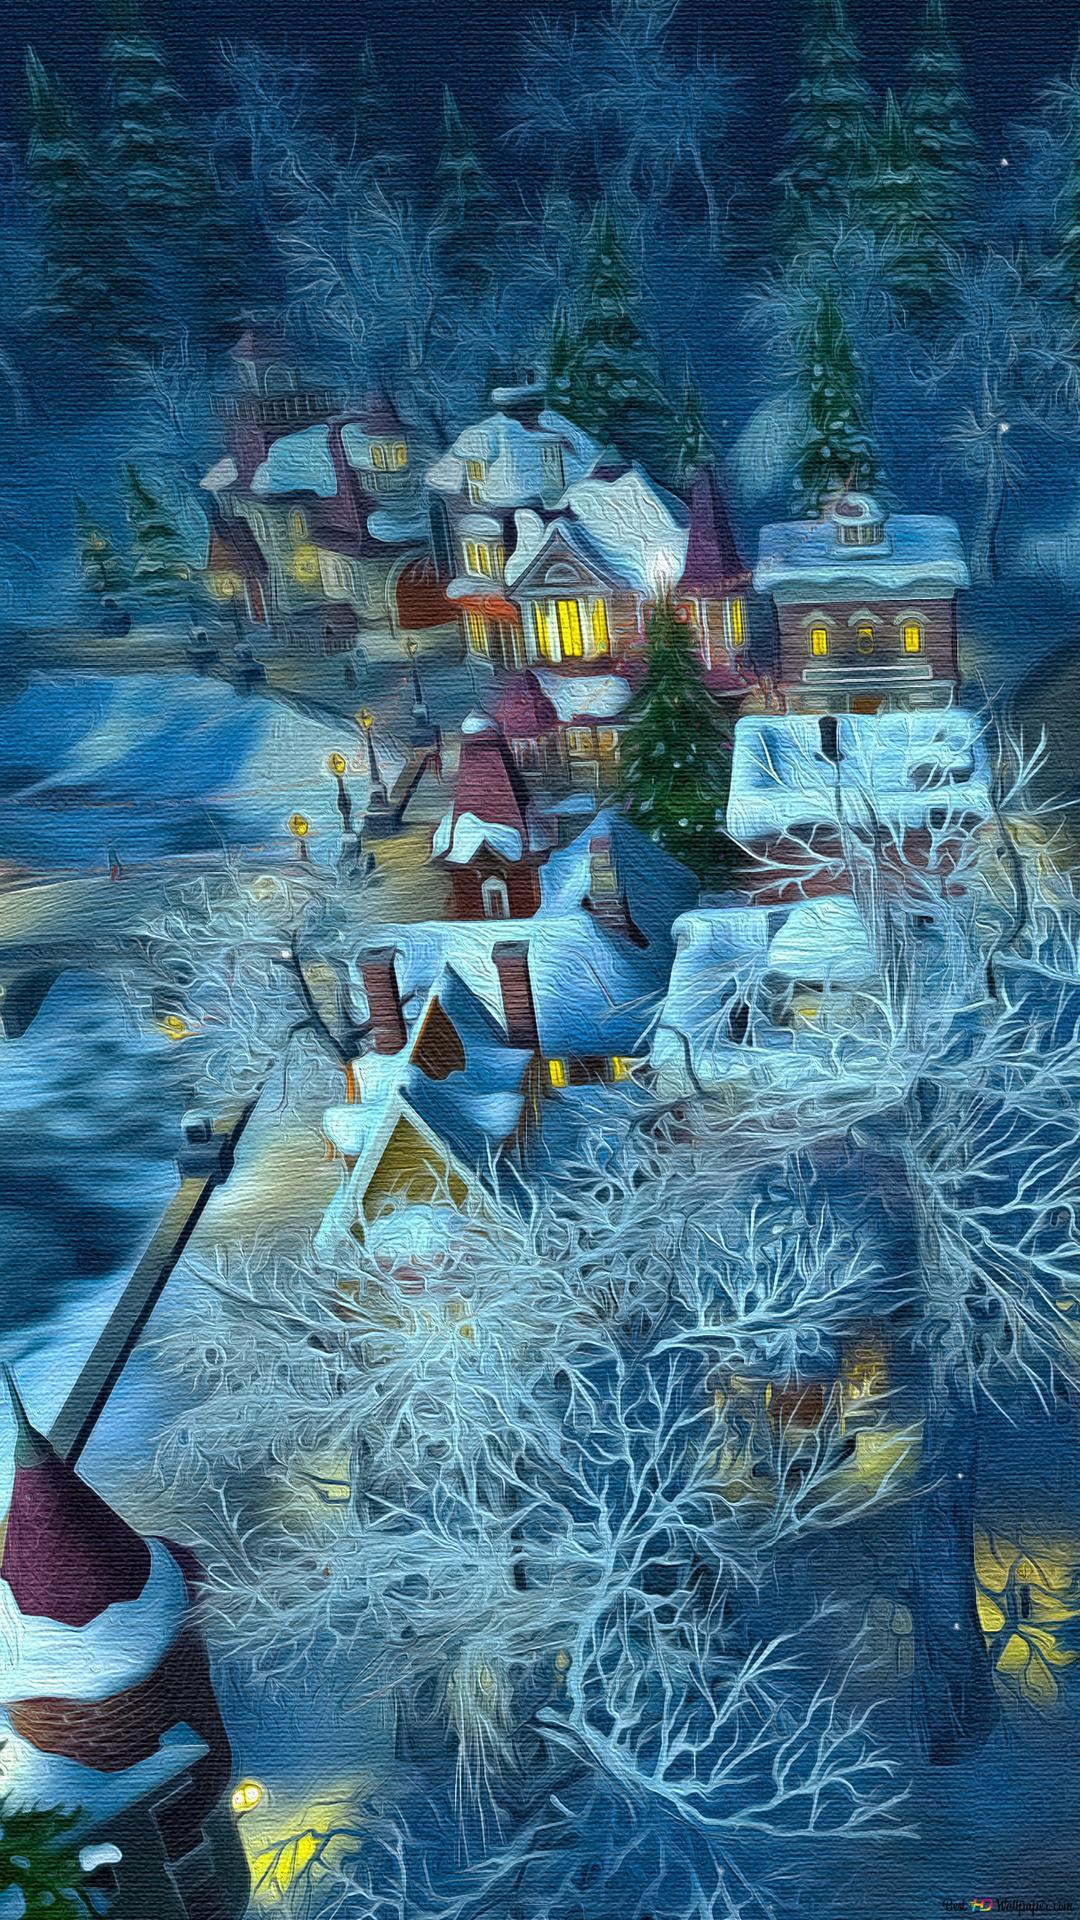 雪の村の絵画 Hd壁紙のダウンロード